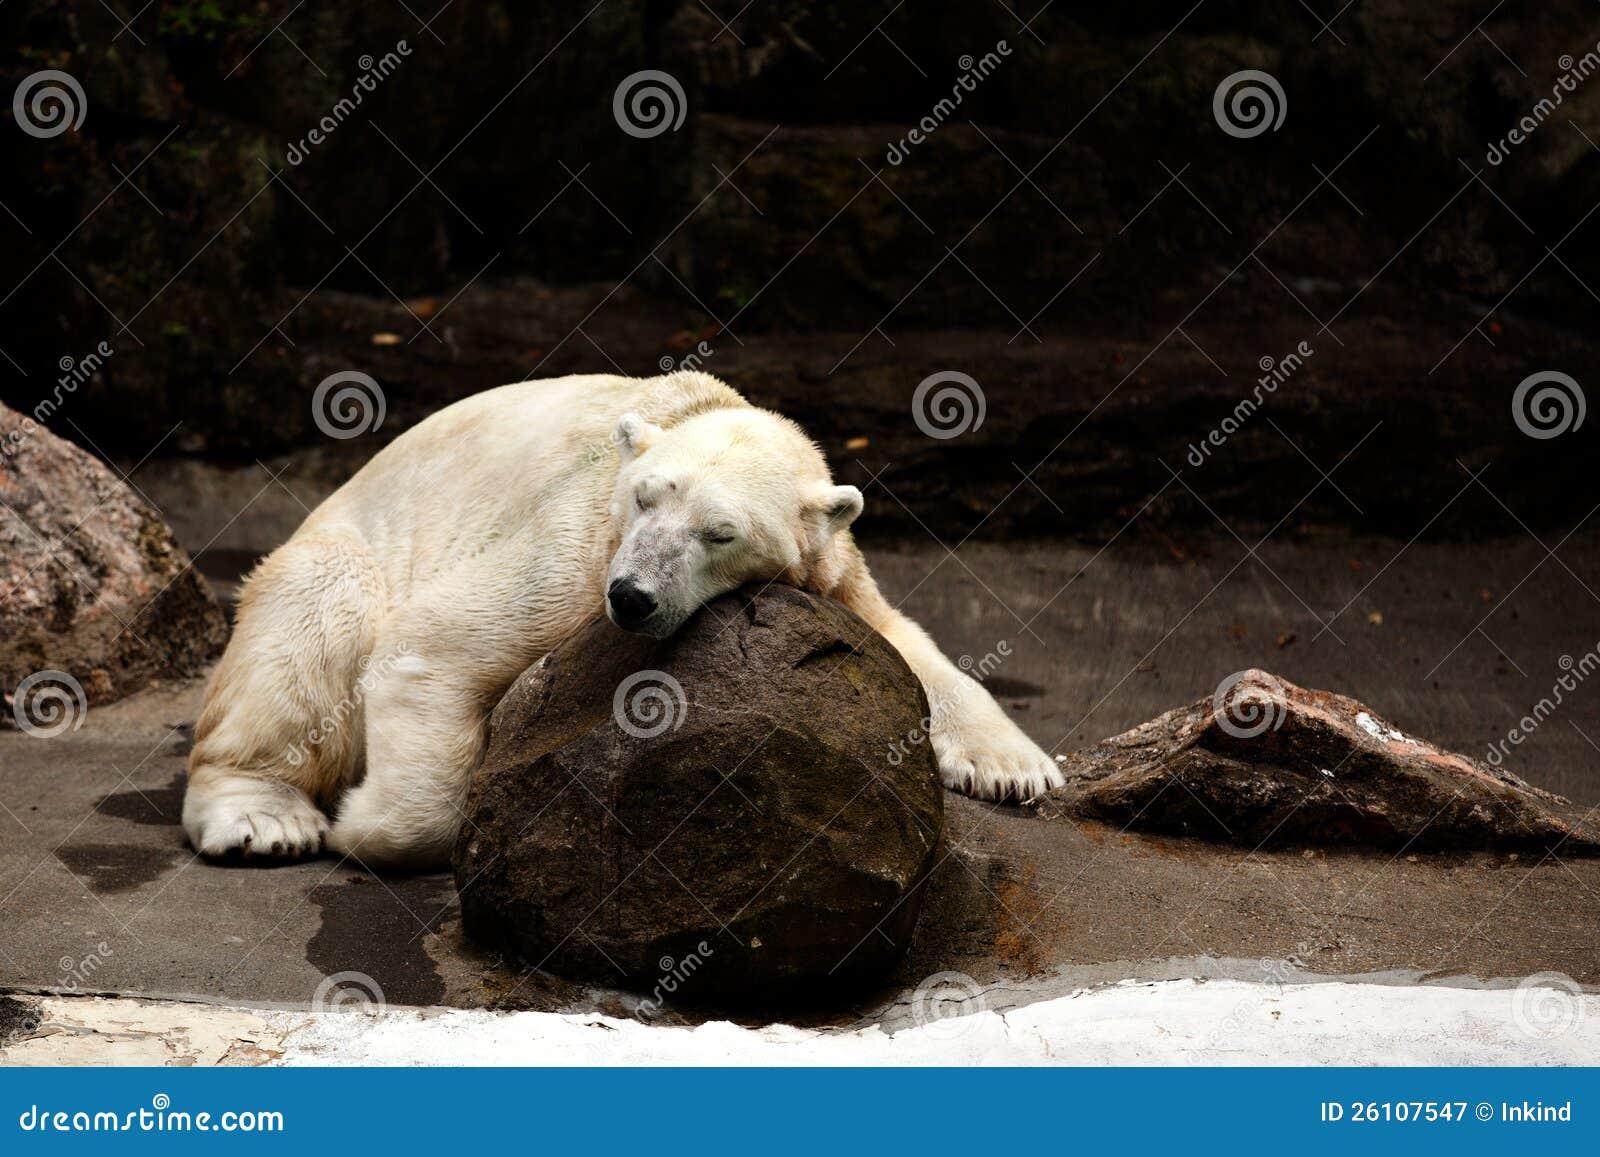 在布朗克斯动物园的v苍蝇北极熊.绿头苍蝇百科图片